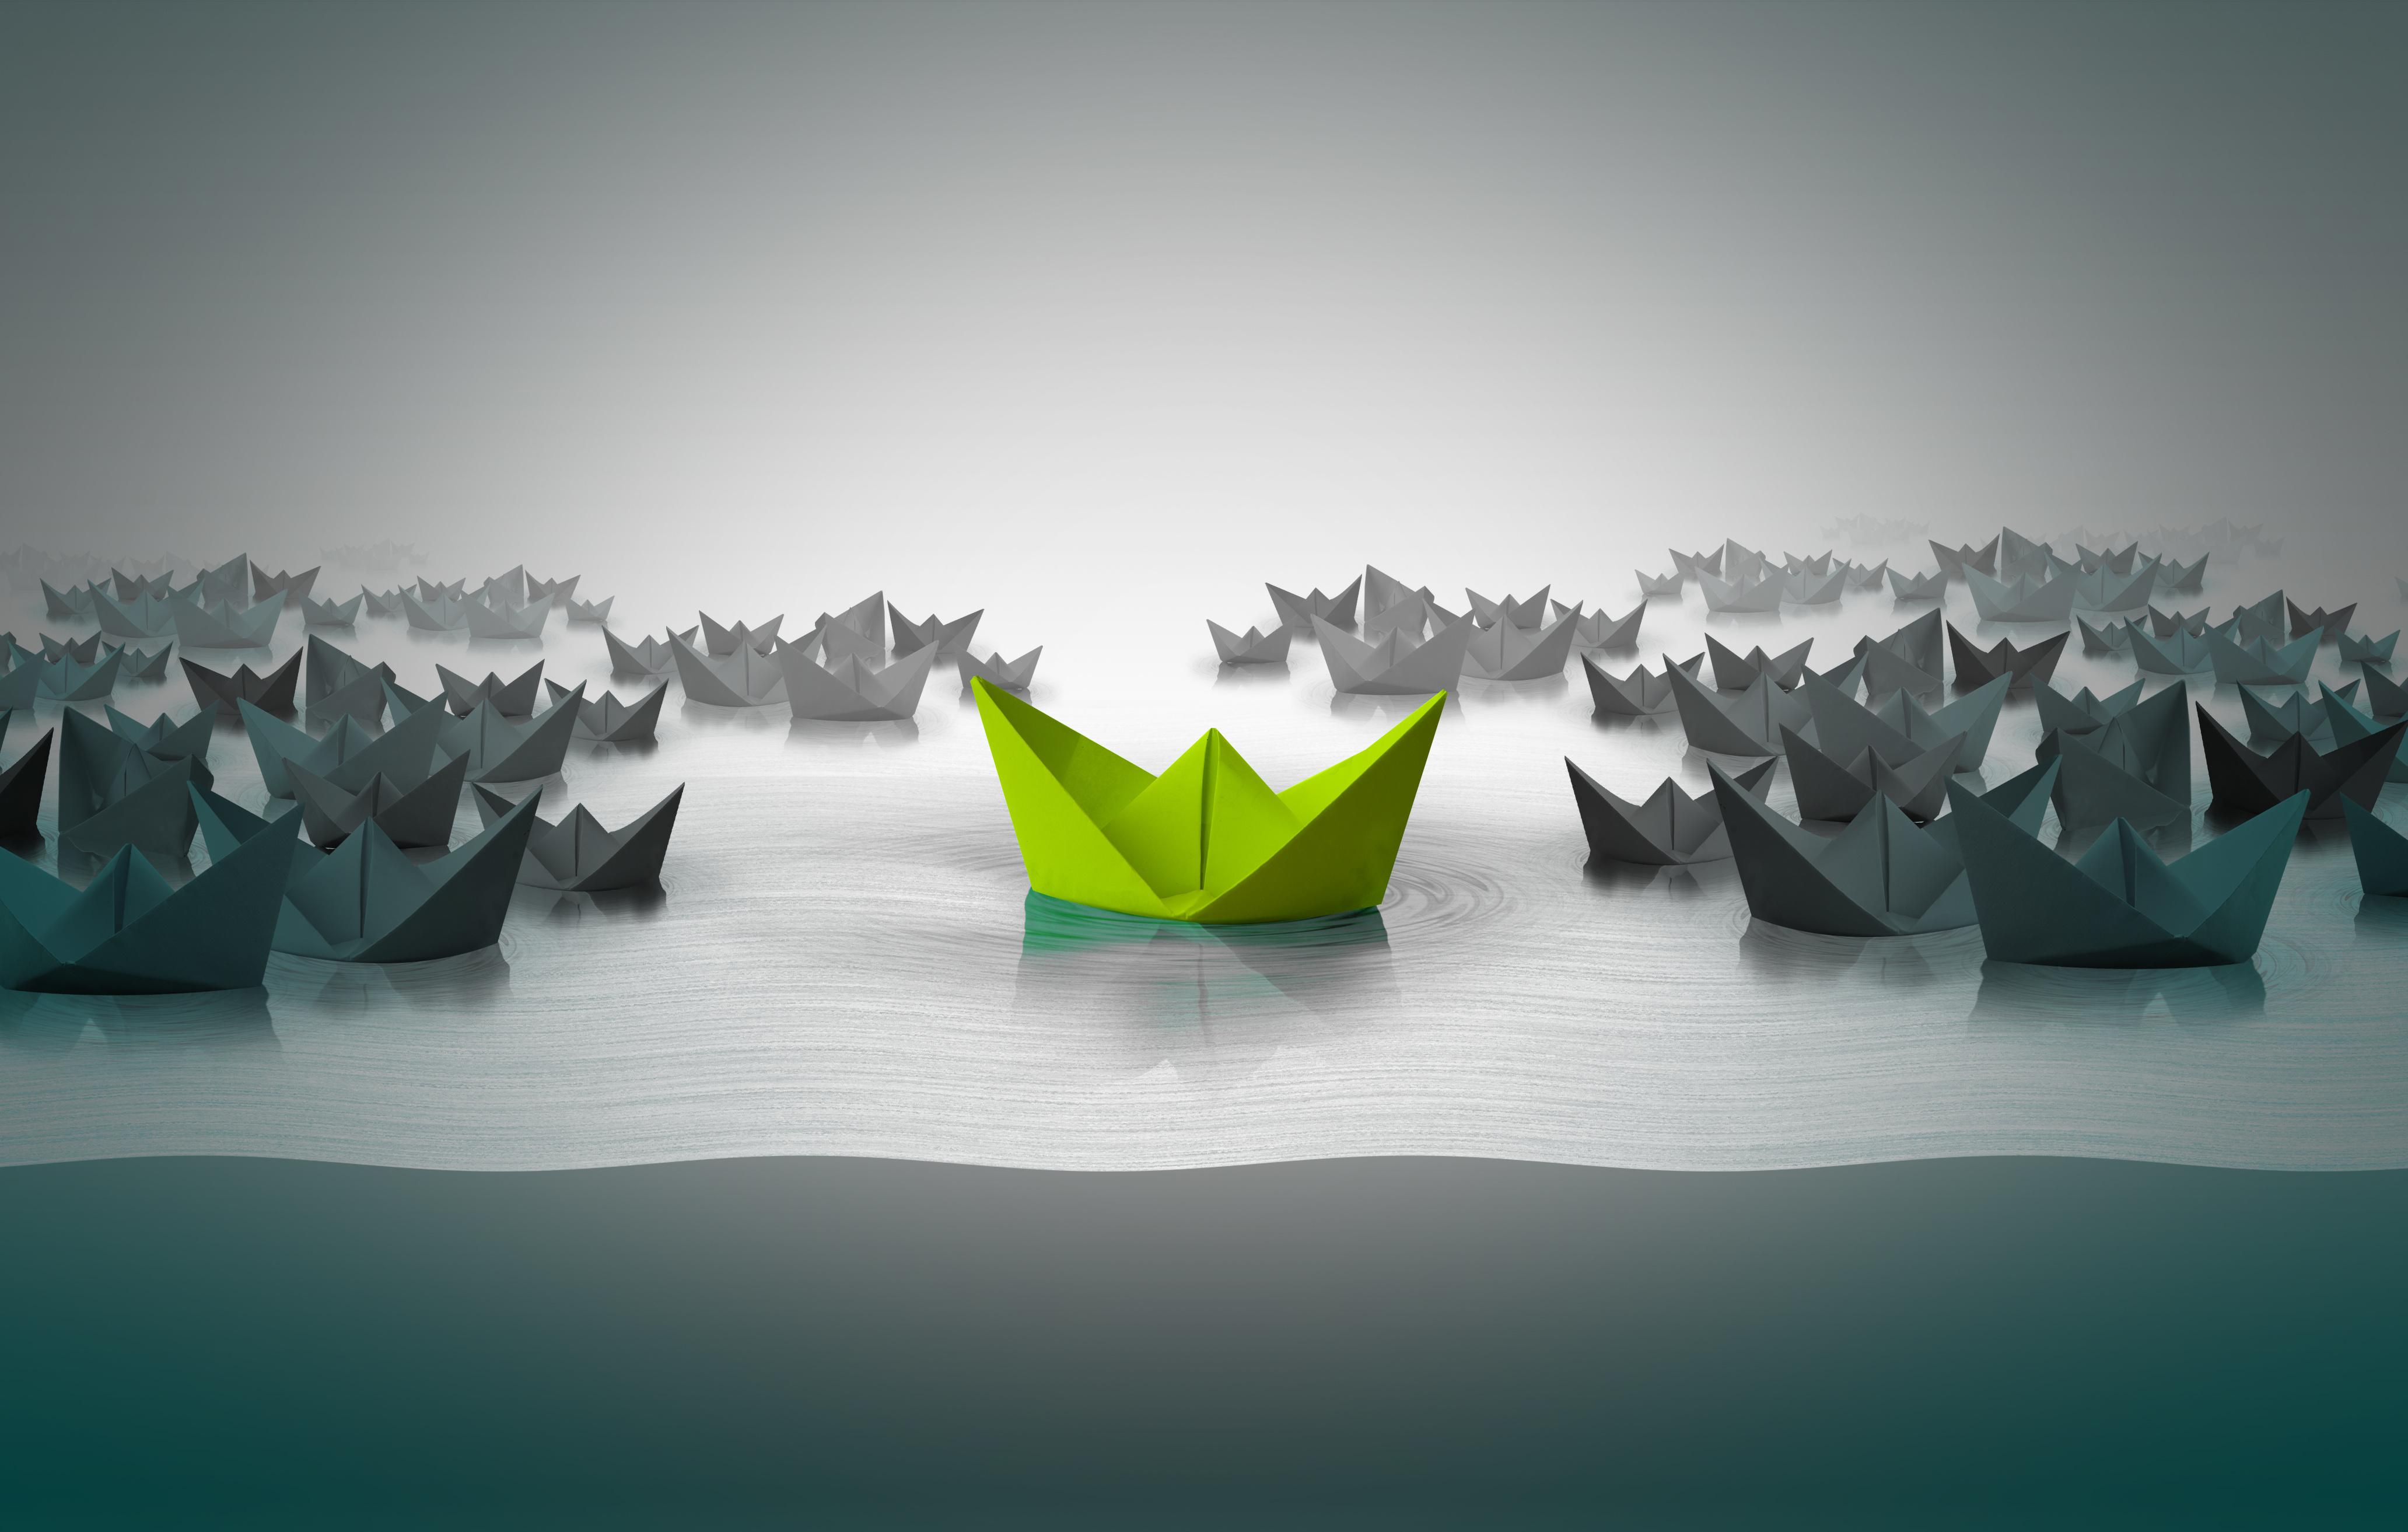 Green Paper Boat-AdobeStock_93623955